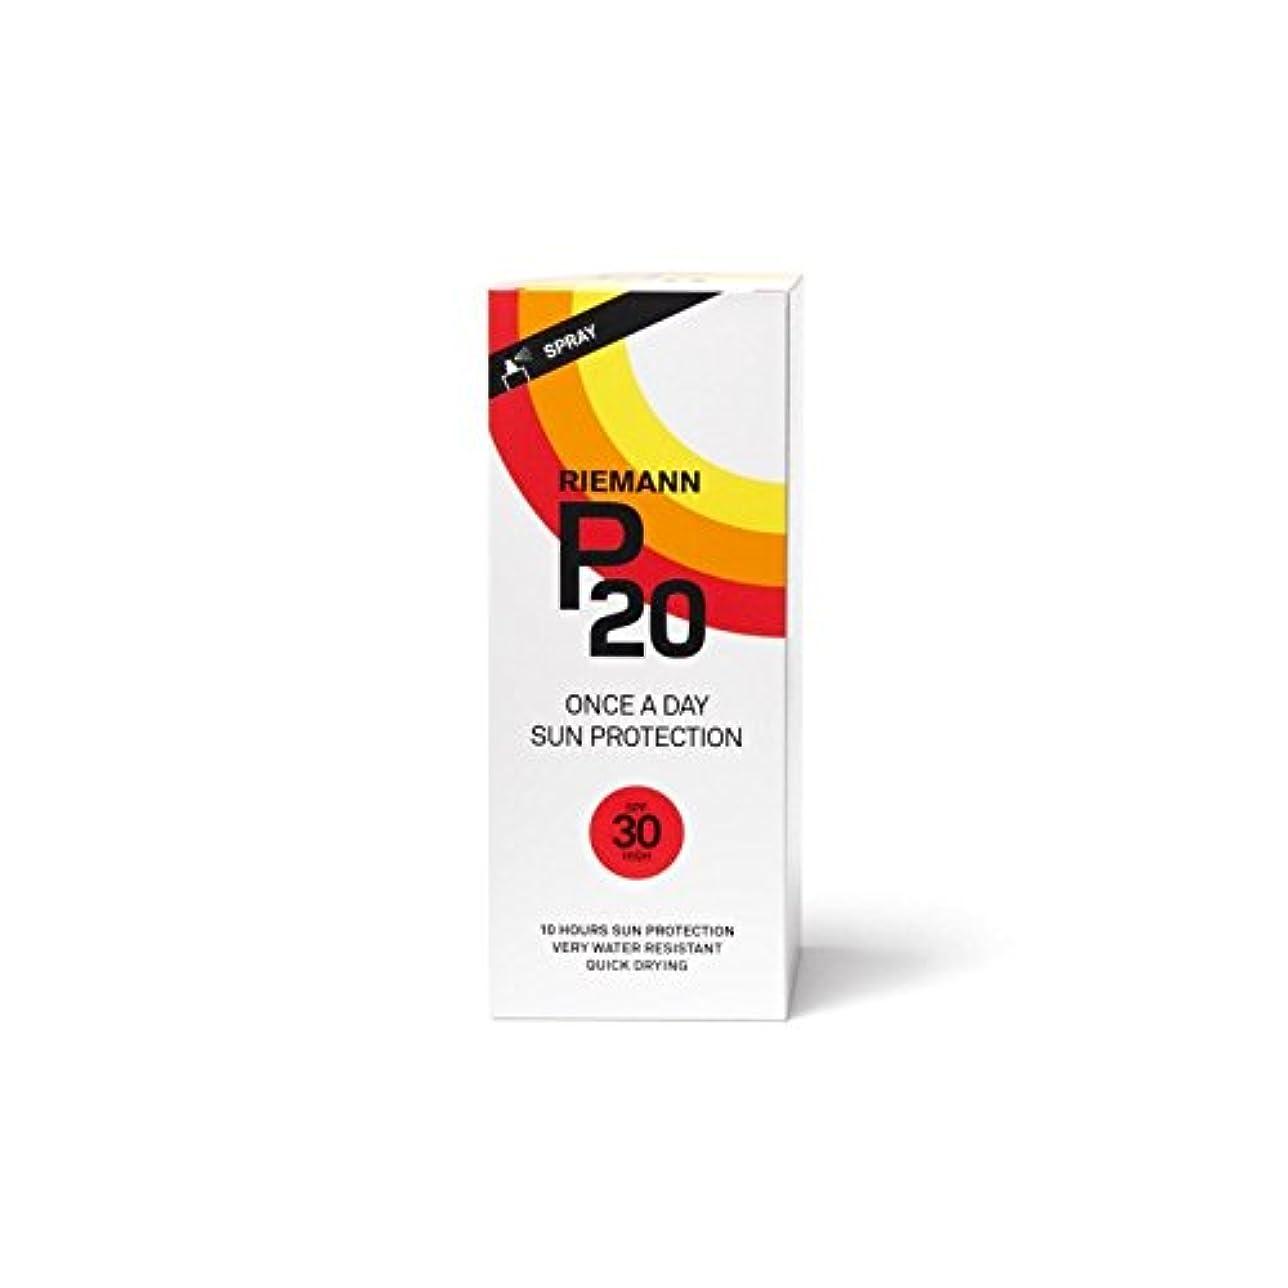 ポータル大人教育リーマン20のサンフィルター200ミリリットル30 x4 - Riemann P20 Sun Filter 200ml SPF30 (Pack of 4) [並行輸入品]